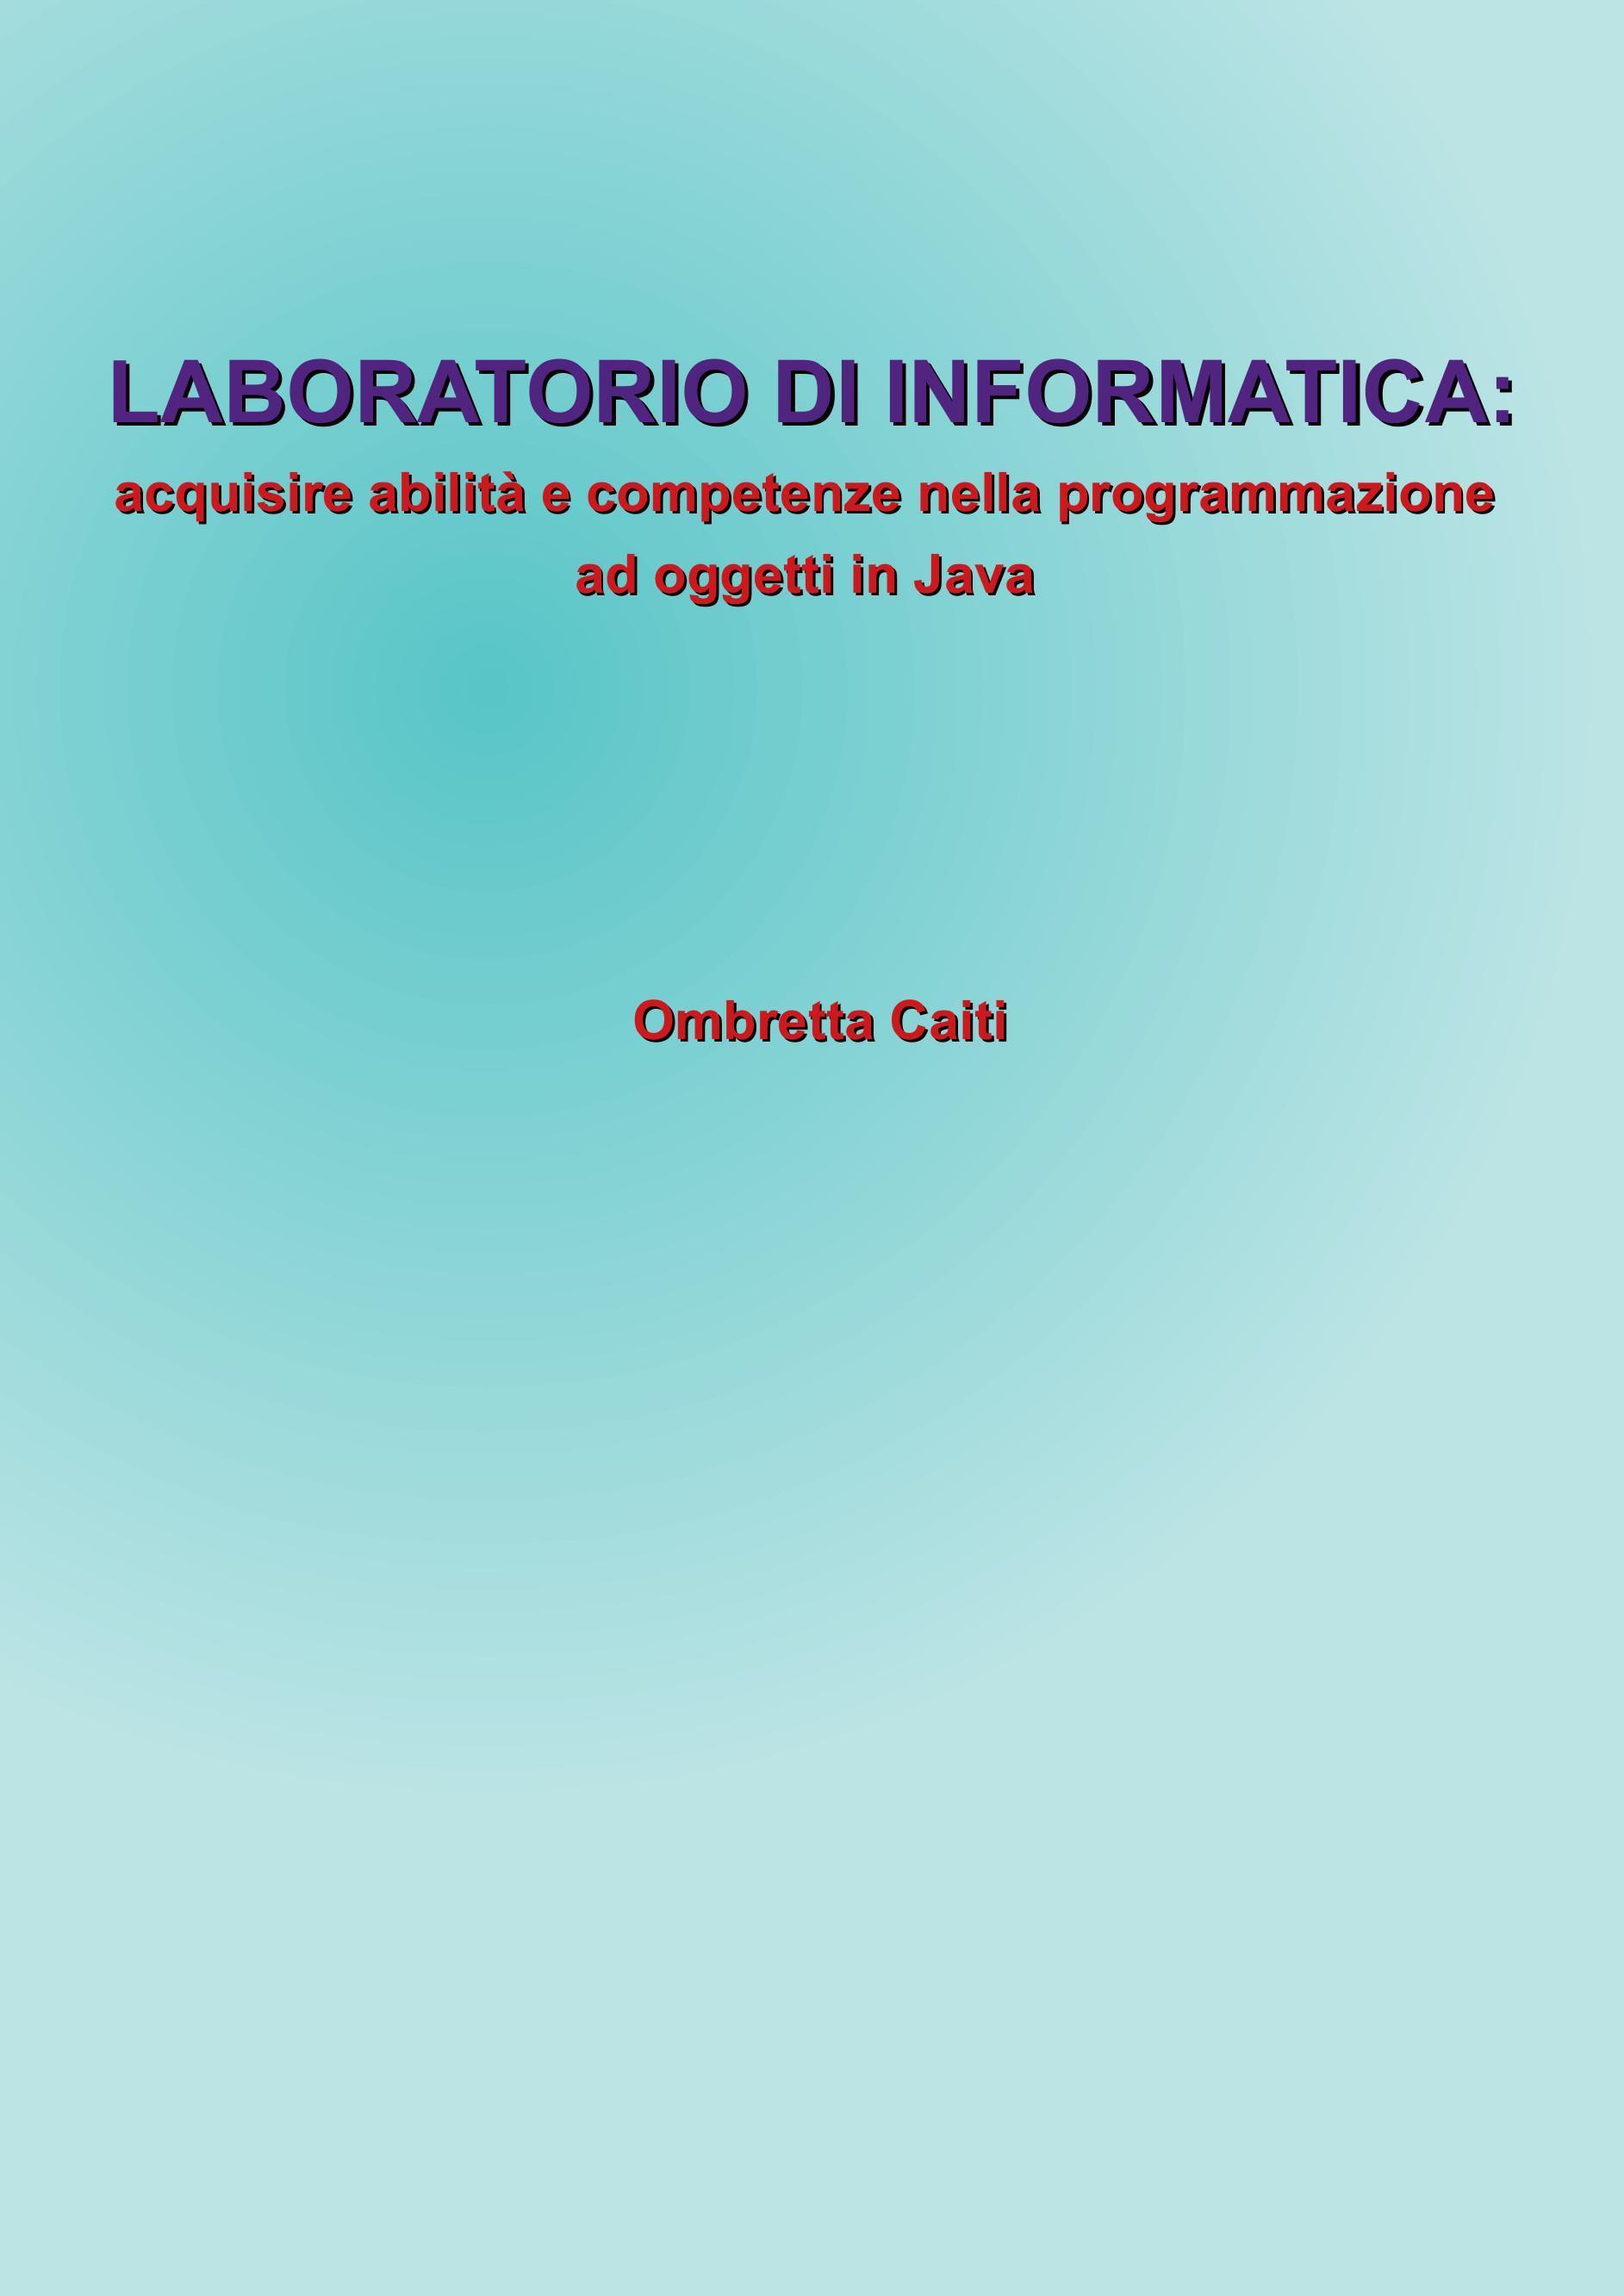 Laboratorio di informatica. Acquisire abilità e competenze nella programmazione ad oggetti in Java